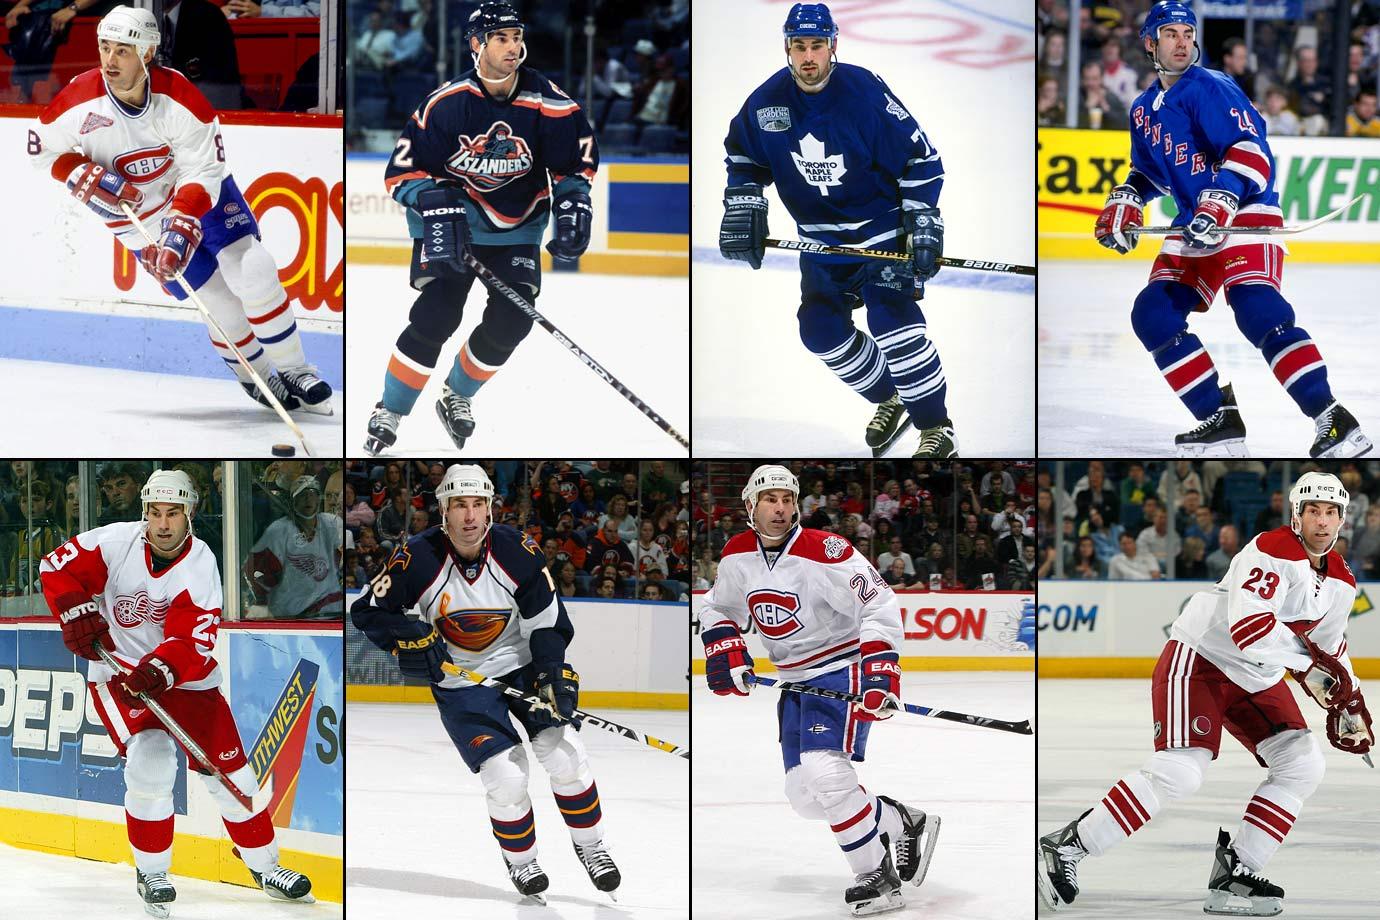 Montreal to NY Islanders (4/5/95), NY Islanders to Toronto (3/13/96), Toronto to NY Rangers (10/14/98), Los Angeles to Detroit (3/3/03), Anaheim to Atlanta (9/26/08), Atlanta to Montreal (2/16/09), Vancouver to Phoenix (3/3/10)